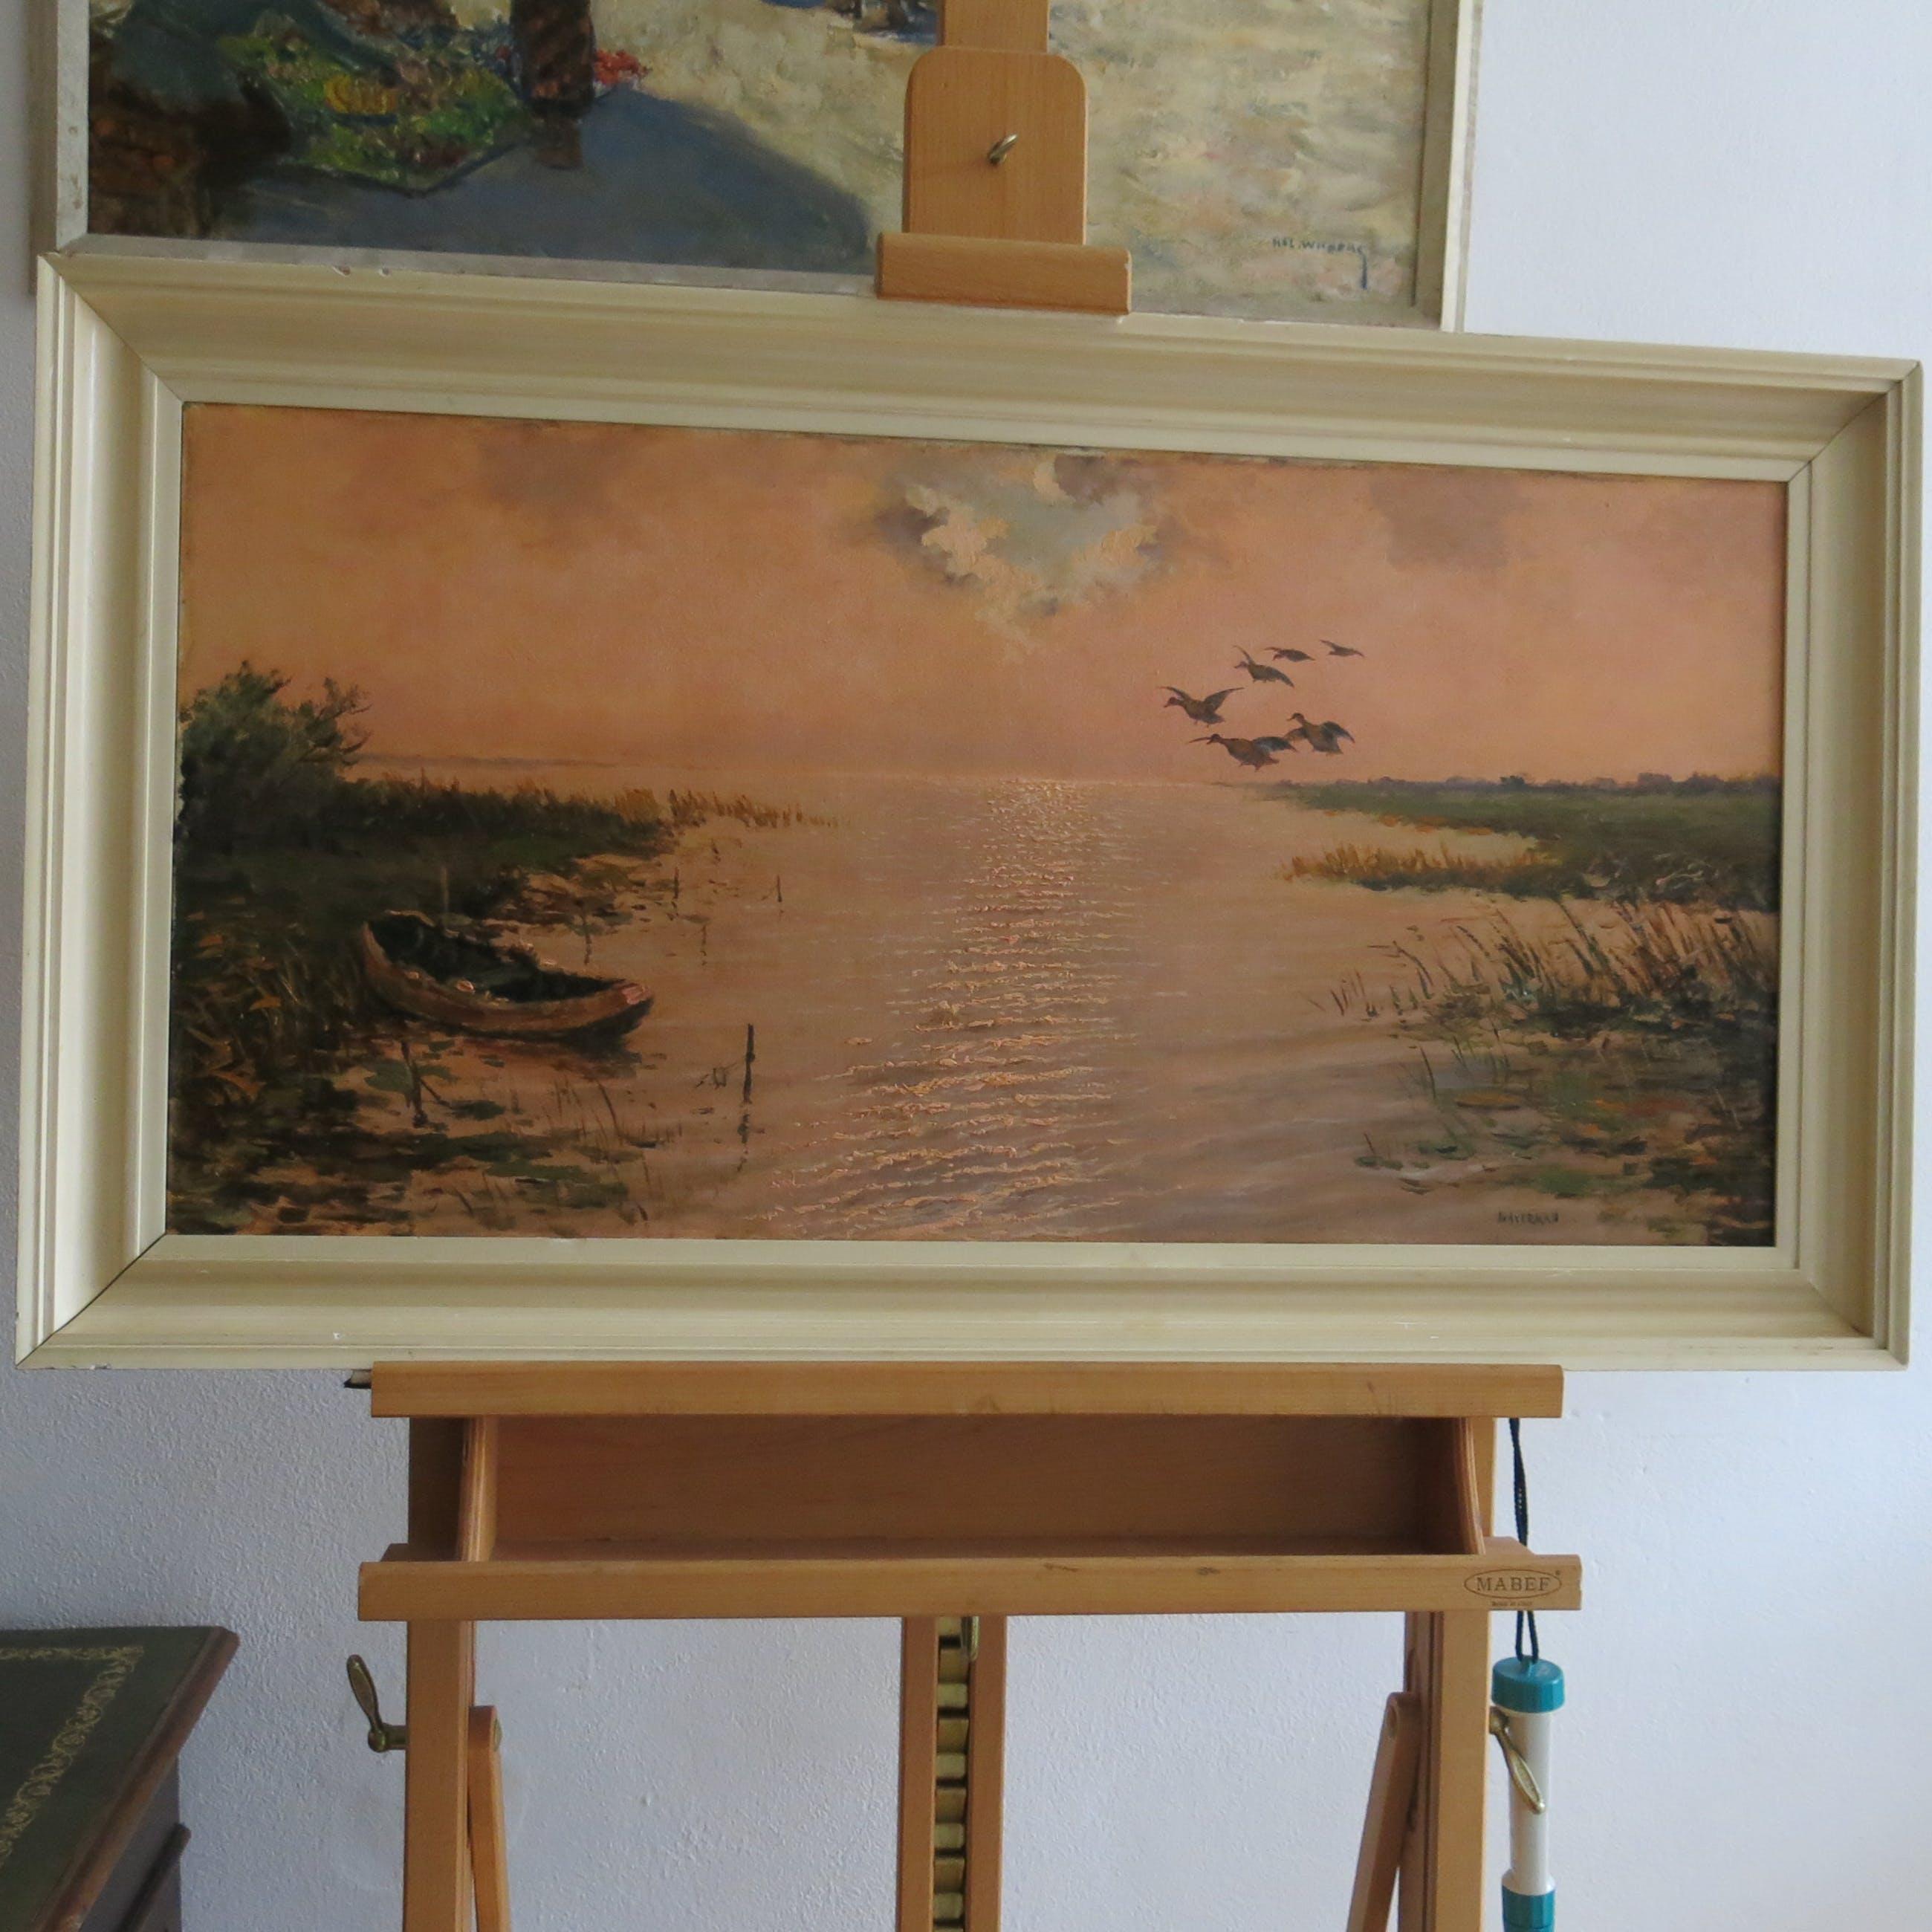 Cornelis Waterman - Water landschap met bootje en opvliegende eenden kopen? Bied vanaf 145!